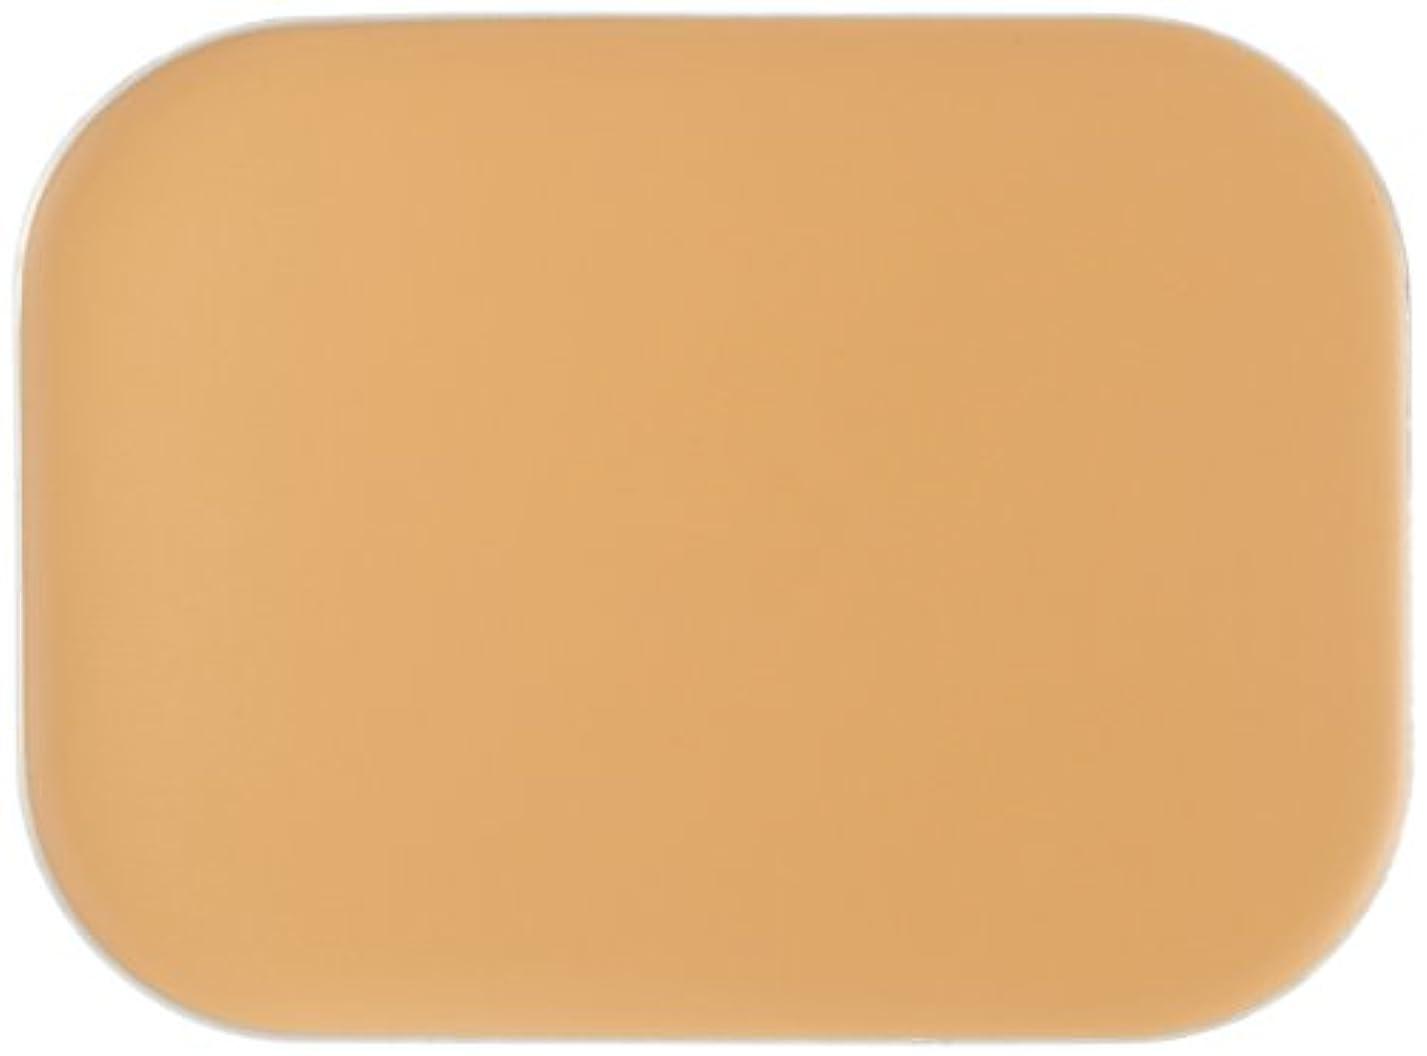 放棄するポータル一貫したKOSE コーセー ノア クリーミィ ファンデーション UV 詰替用 11 (9g)